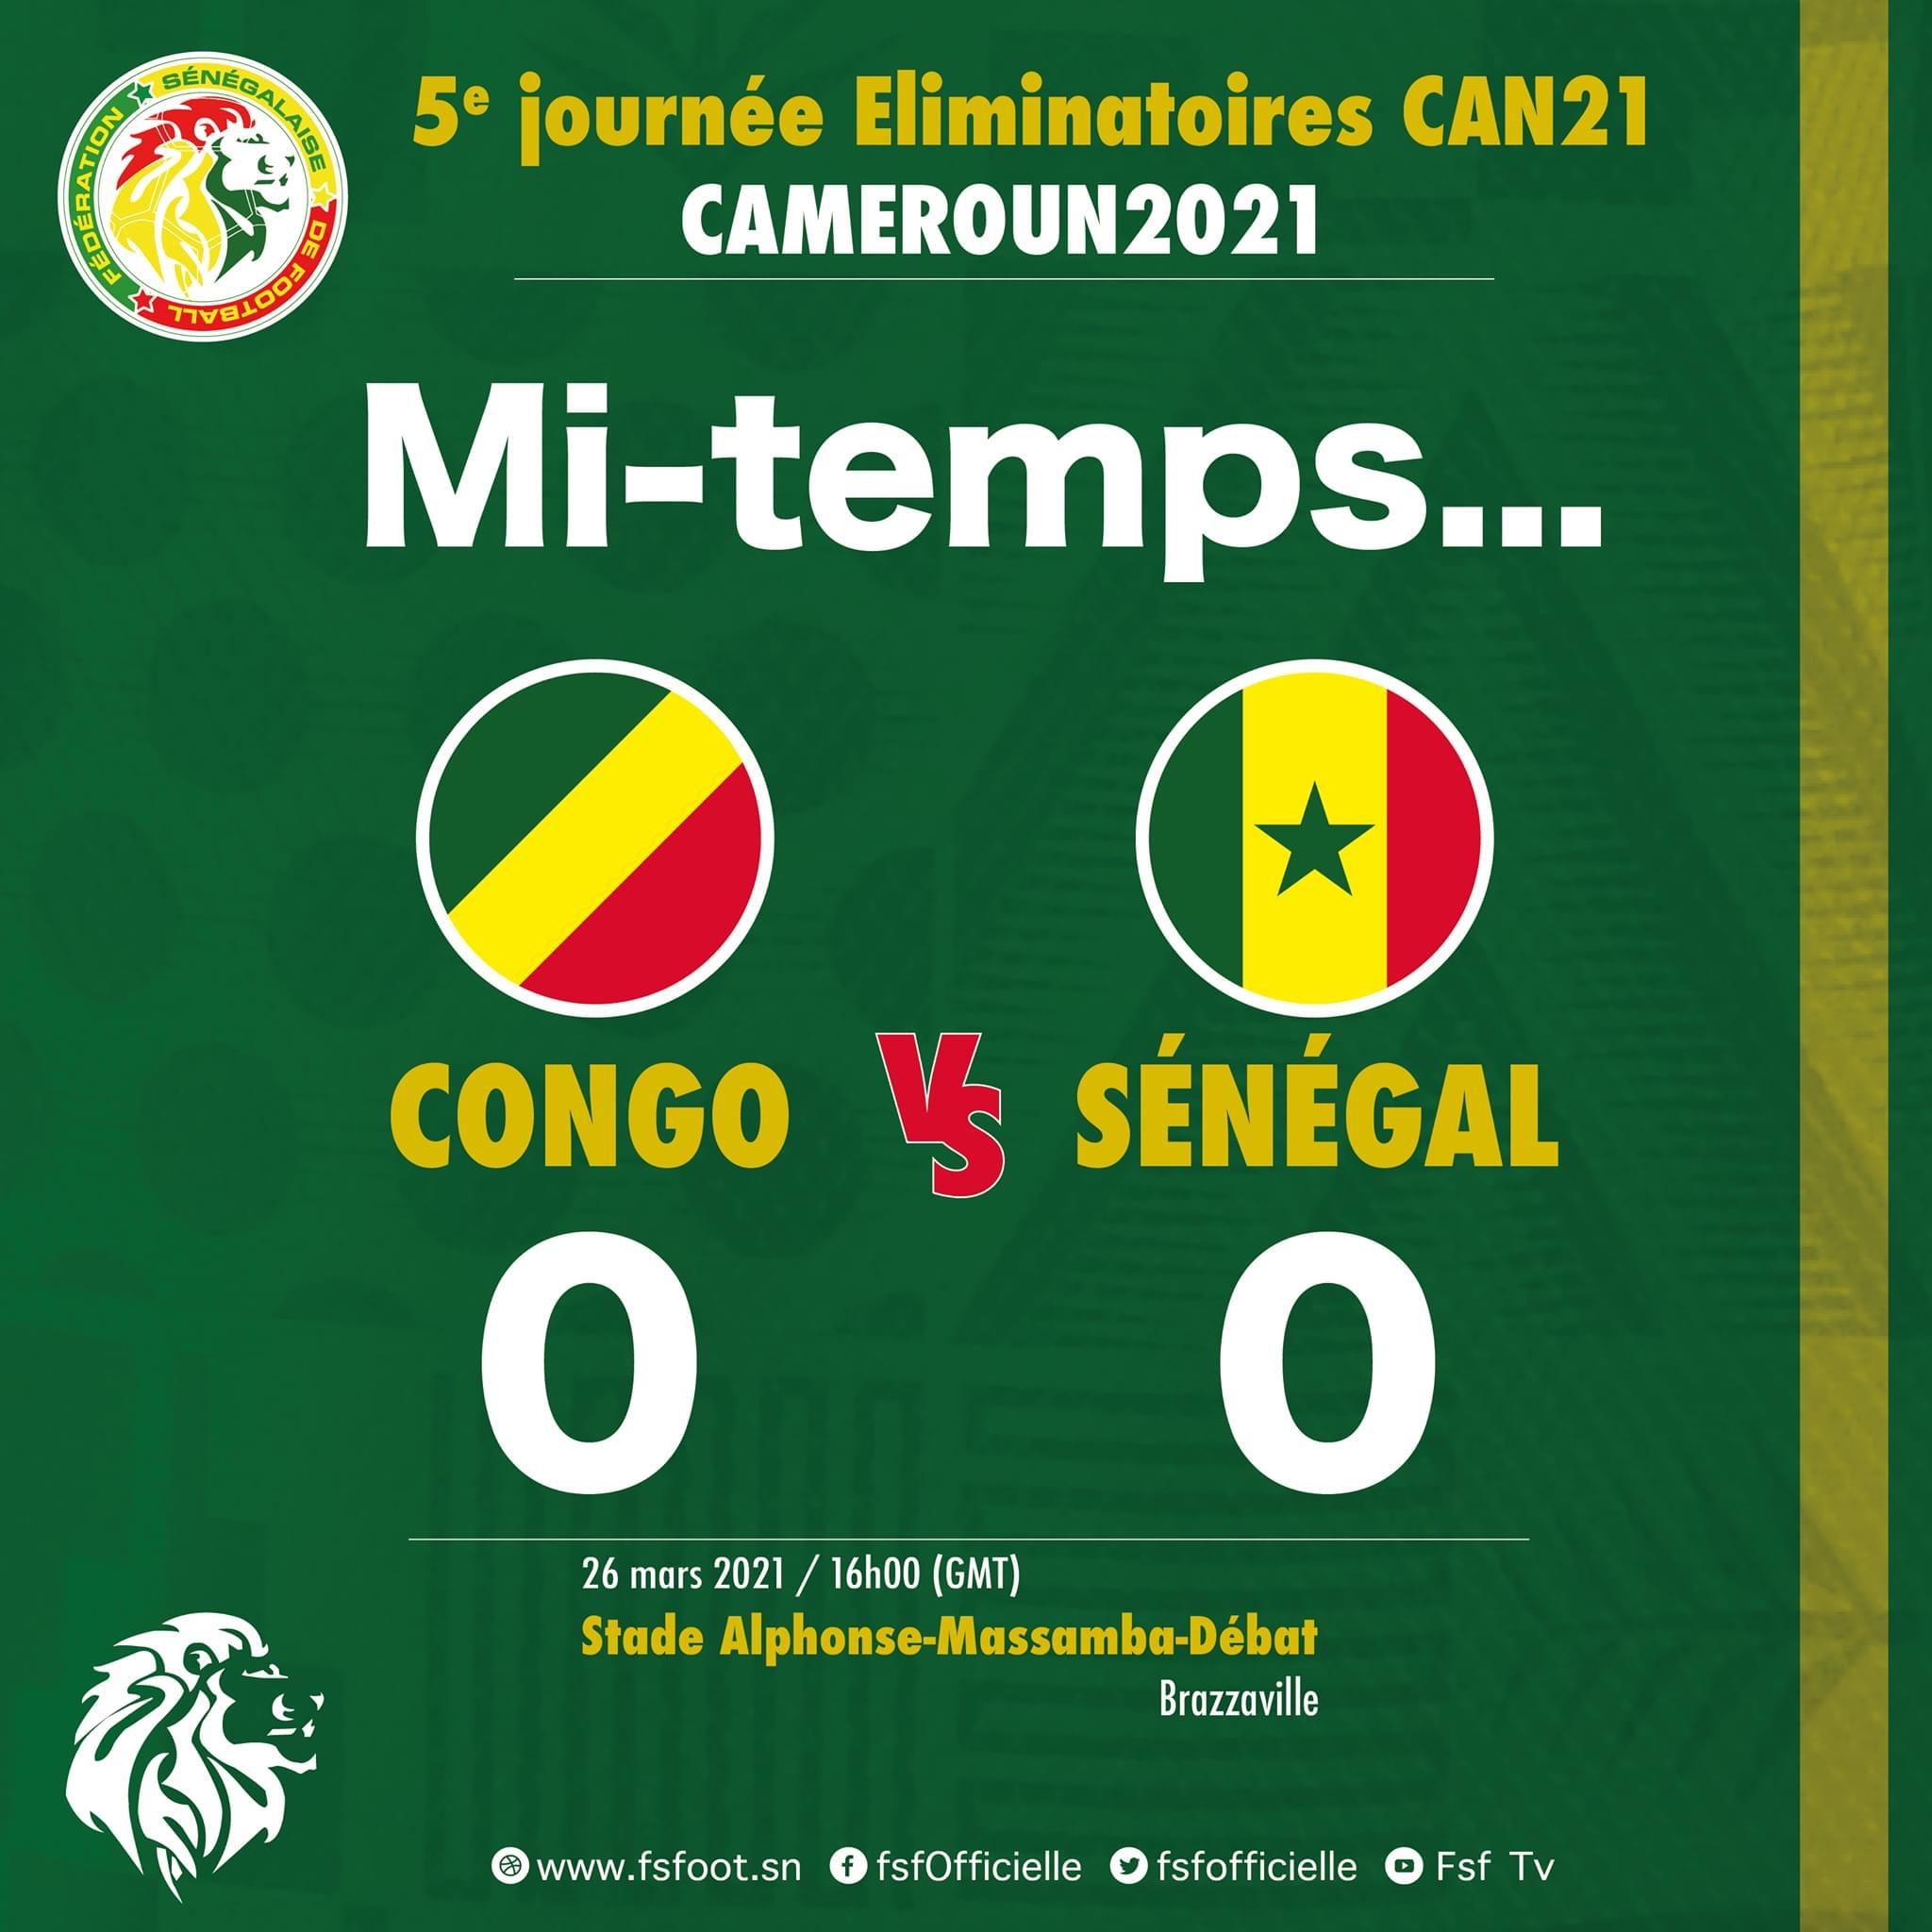 Éliminatoires CAN 2022 / Congo Brazza - Sénégal : Match nul et vierge à la mi-temps (0-0)